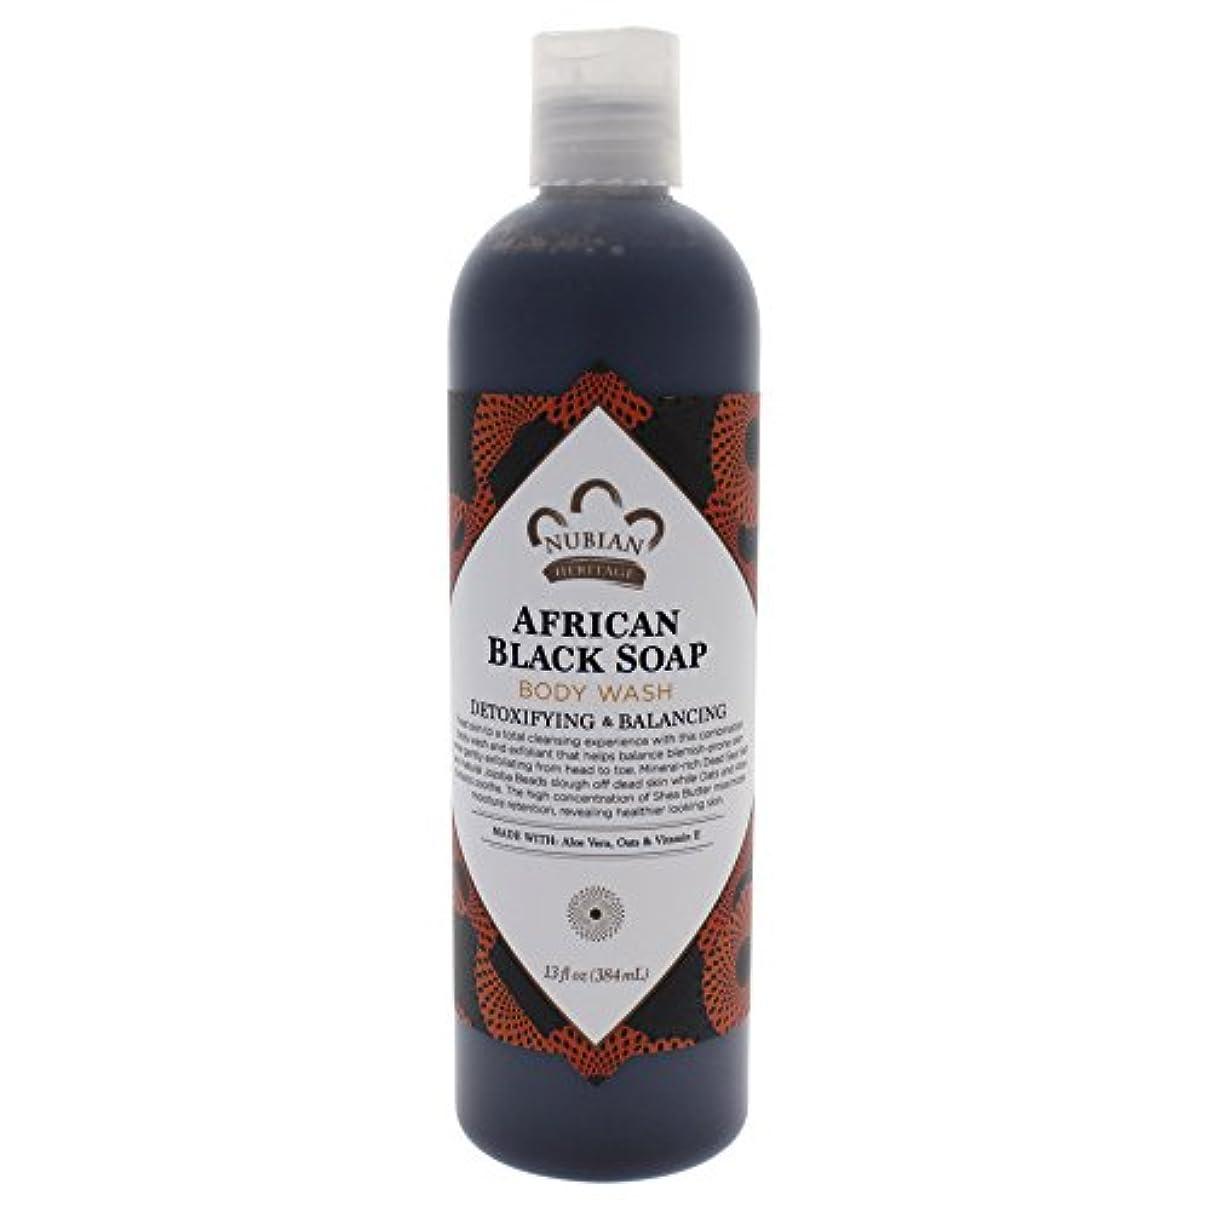 爆風取り組む識別するNubian Heritage - ボディウォッシュ アフリカ黒石鹸 - 13ポンド [並行輸入品]